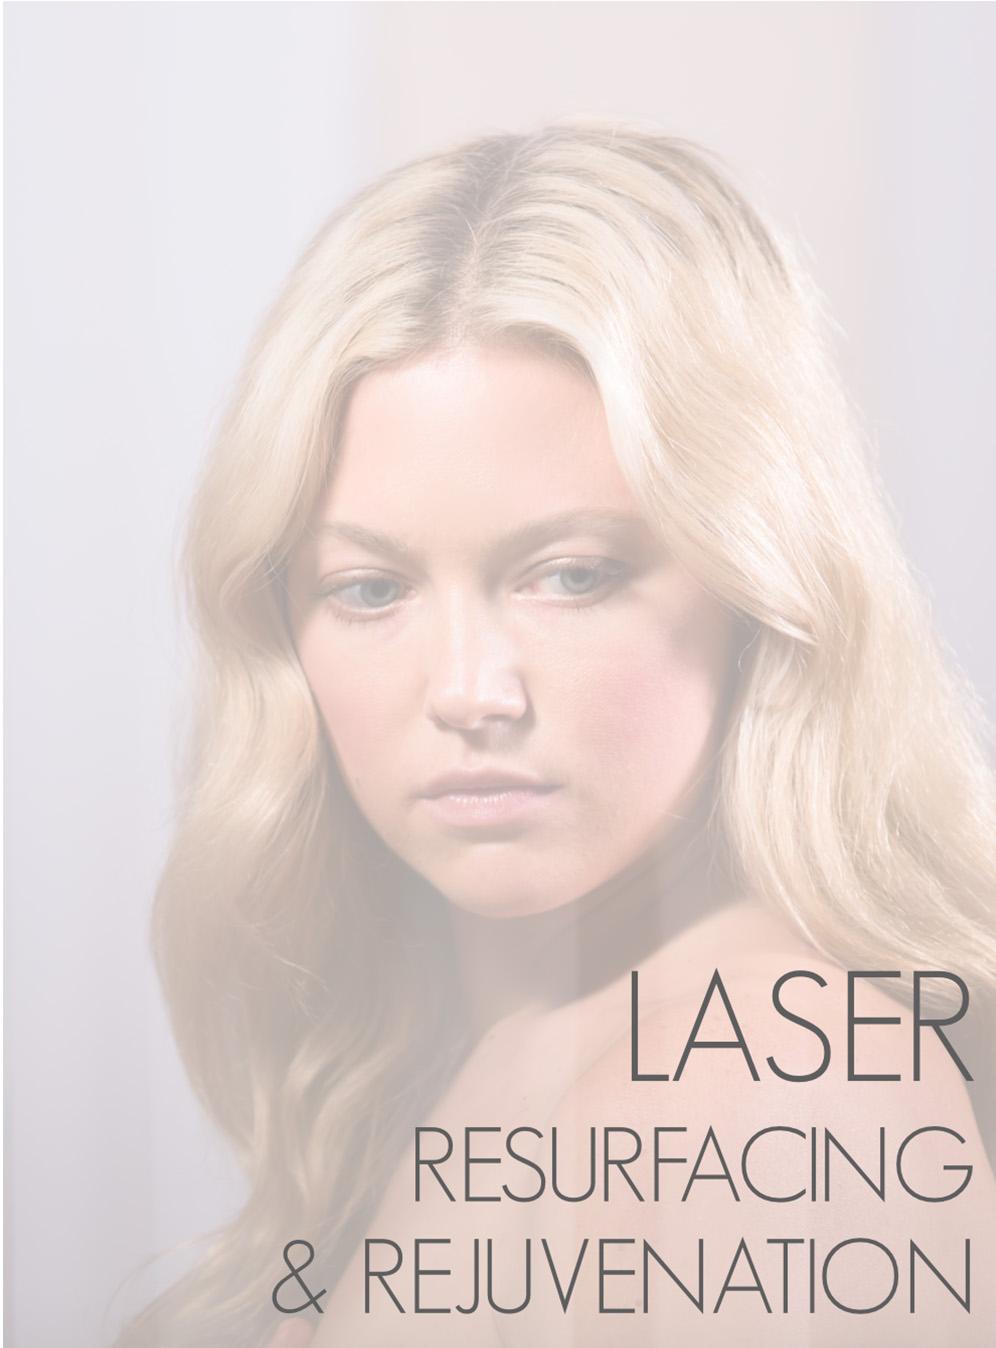 laserbeforeafter